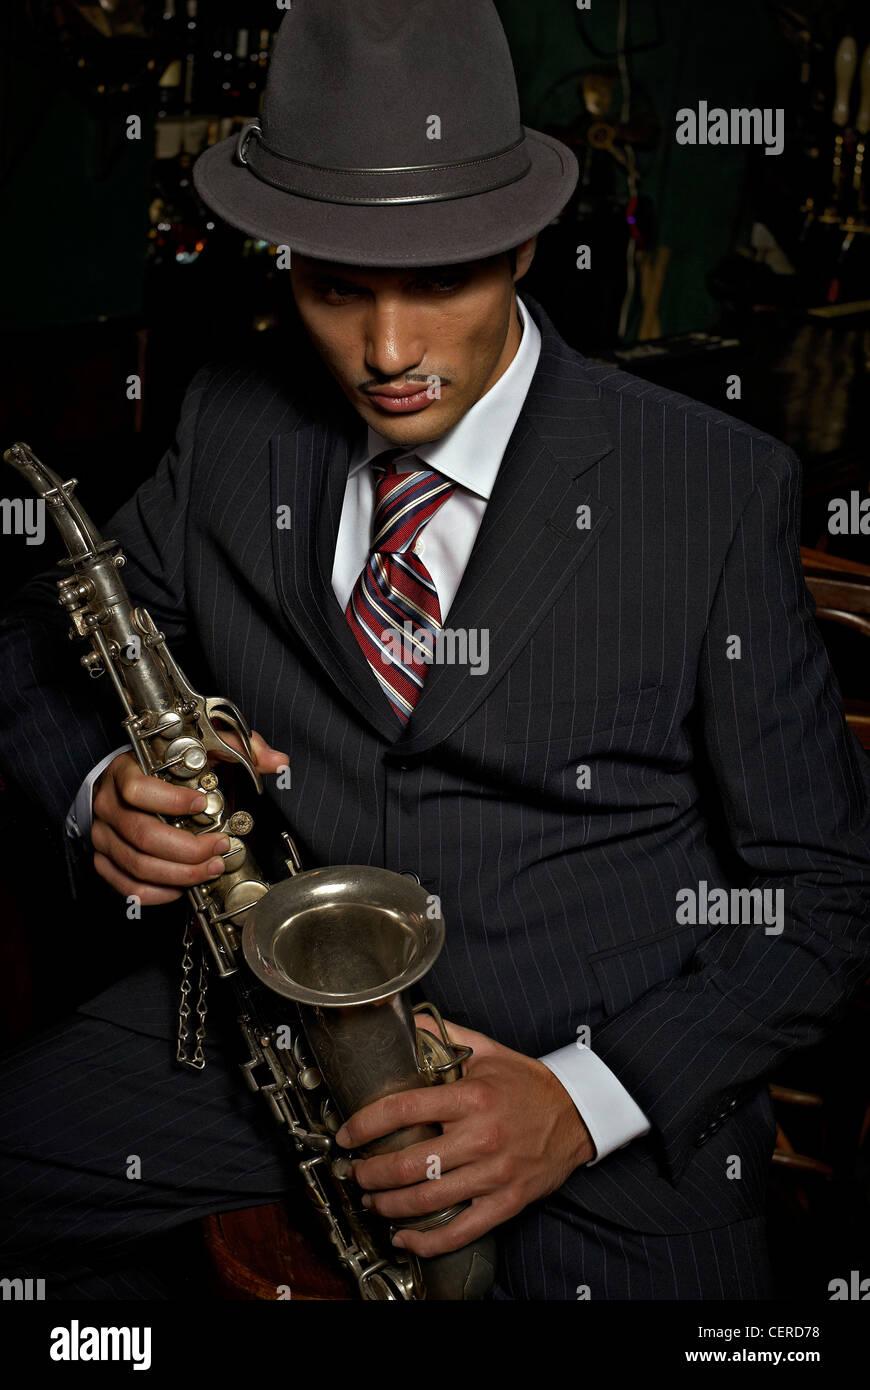 20er Jahre Stil jazz-Sängerin mit Saxophon Stockfoto, Bild: 43541212 ...